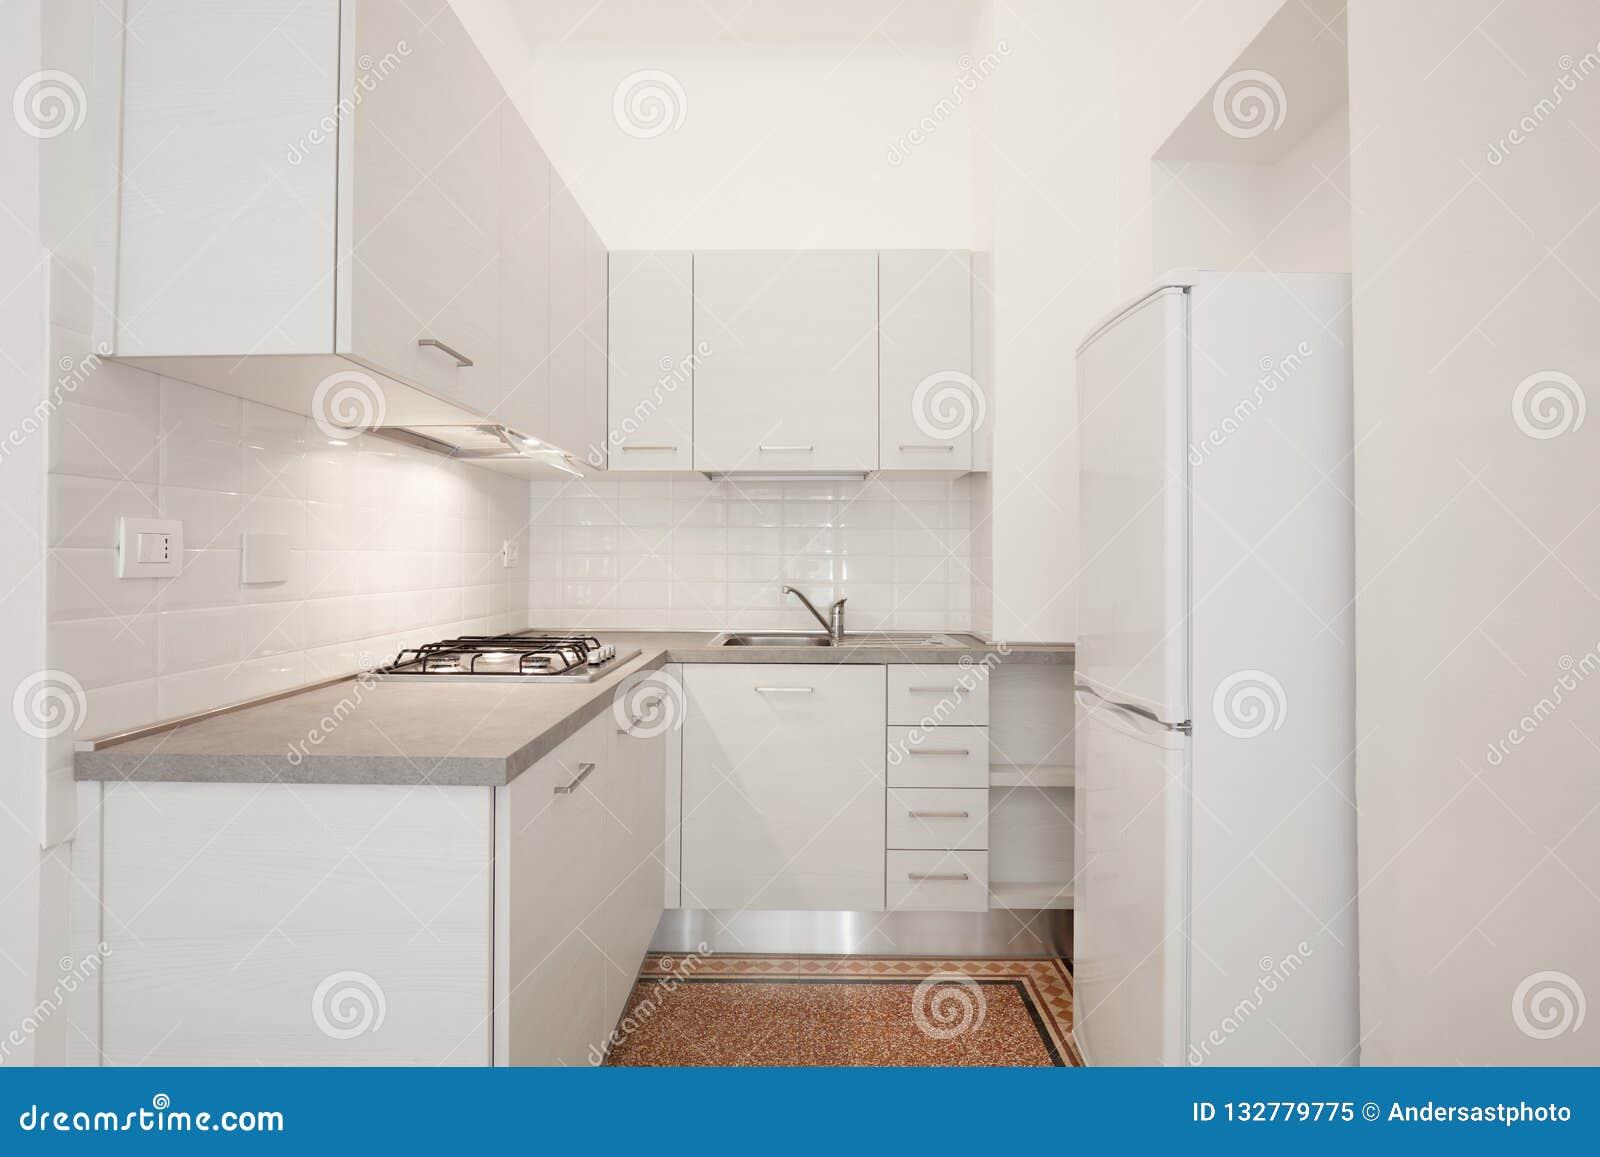 Pietra Da Interni Grigia : Cucina di legno bianca con la cima di pietra grigia in